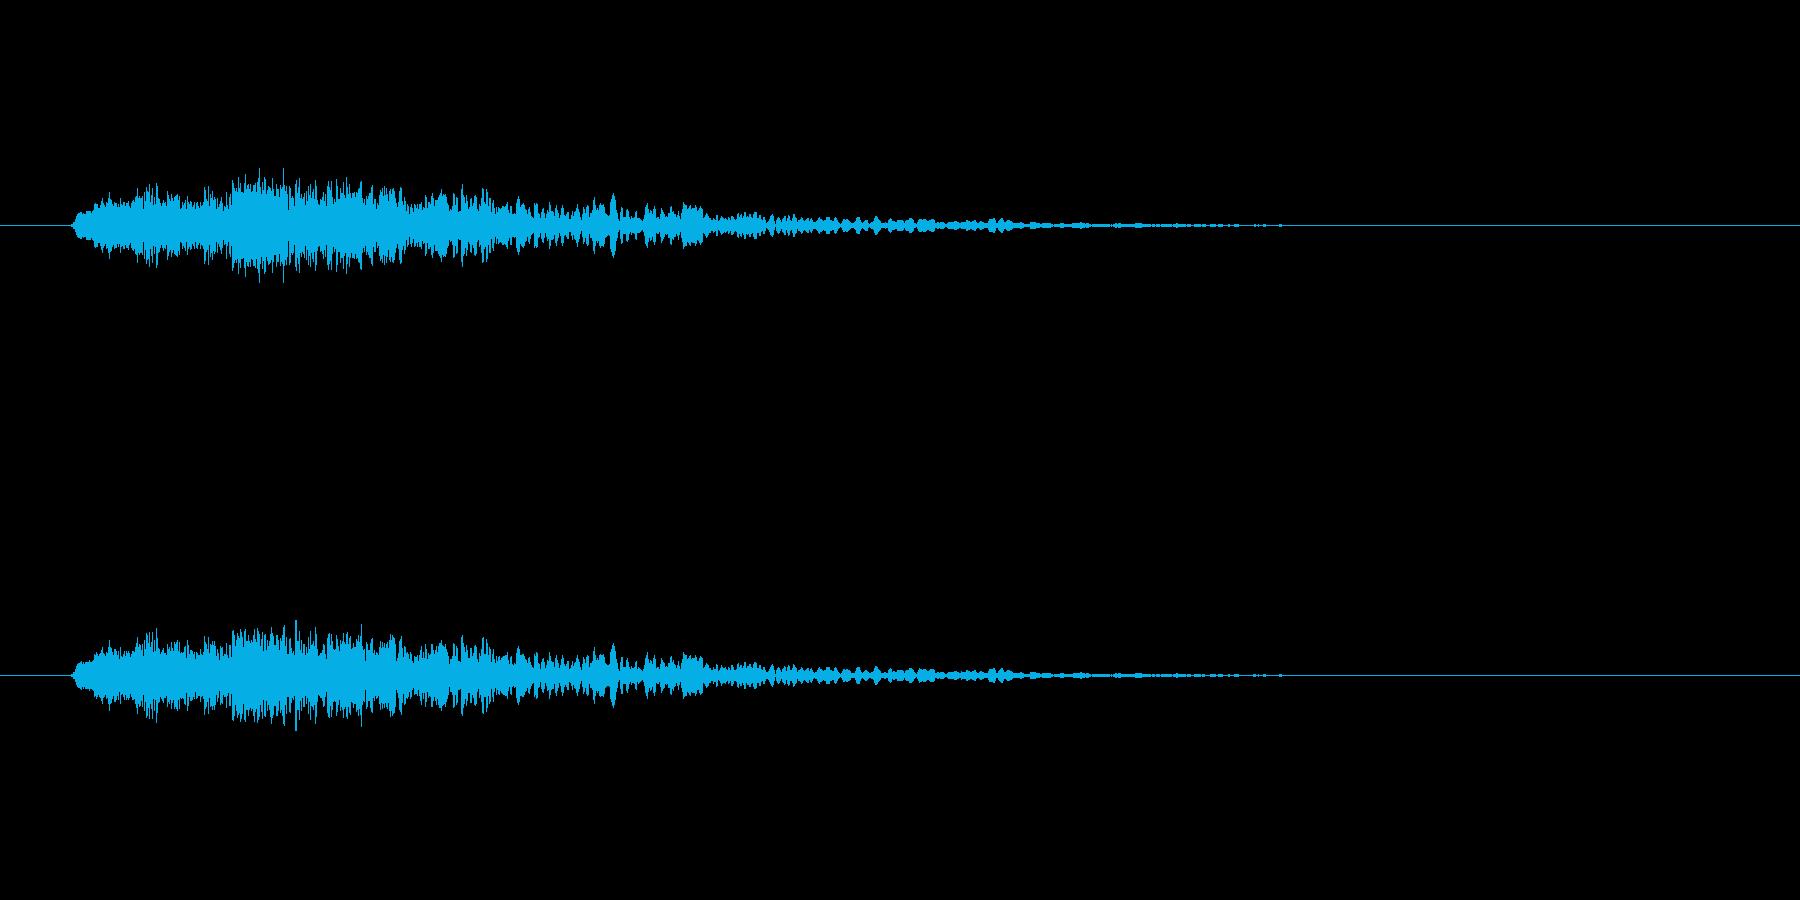 【アクセント30-1】の再生済みの波形